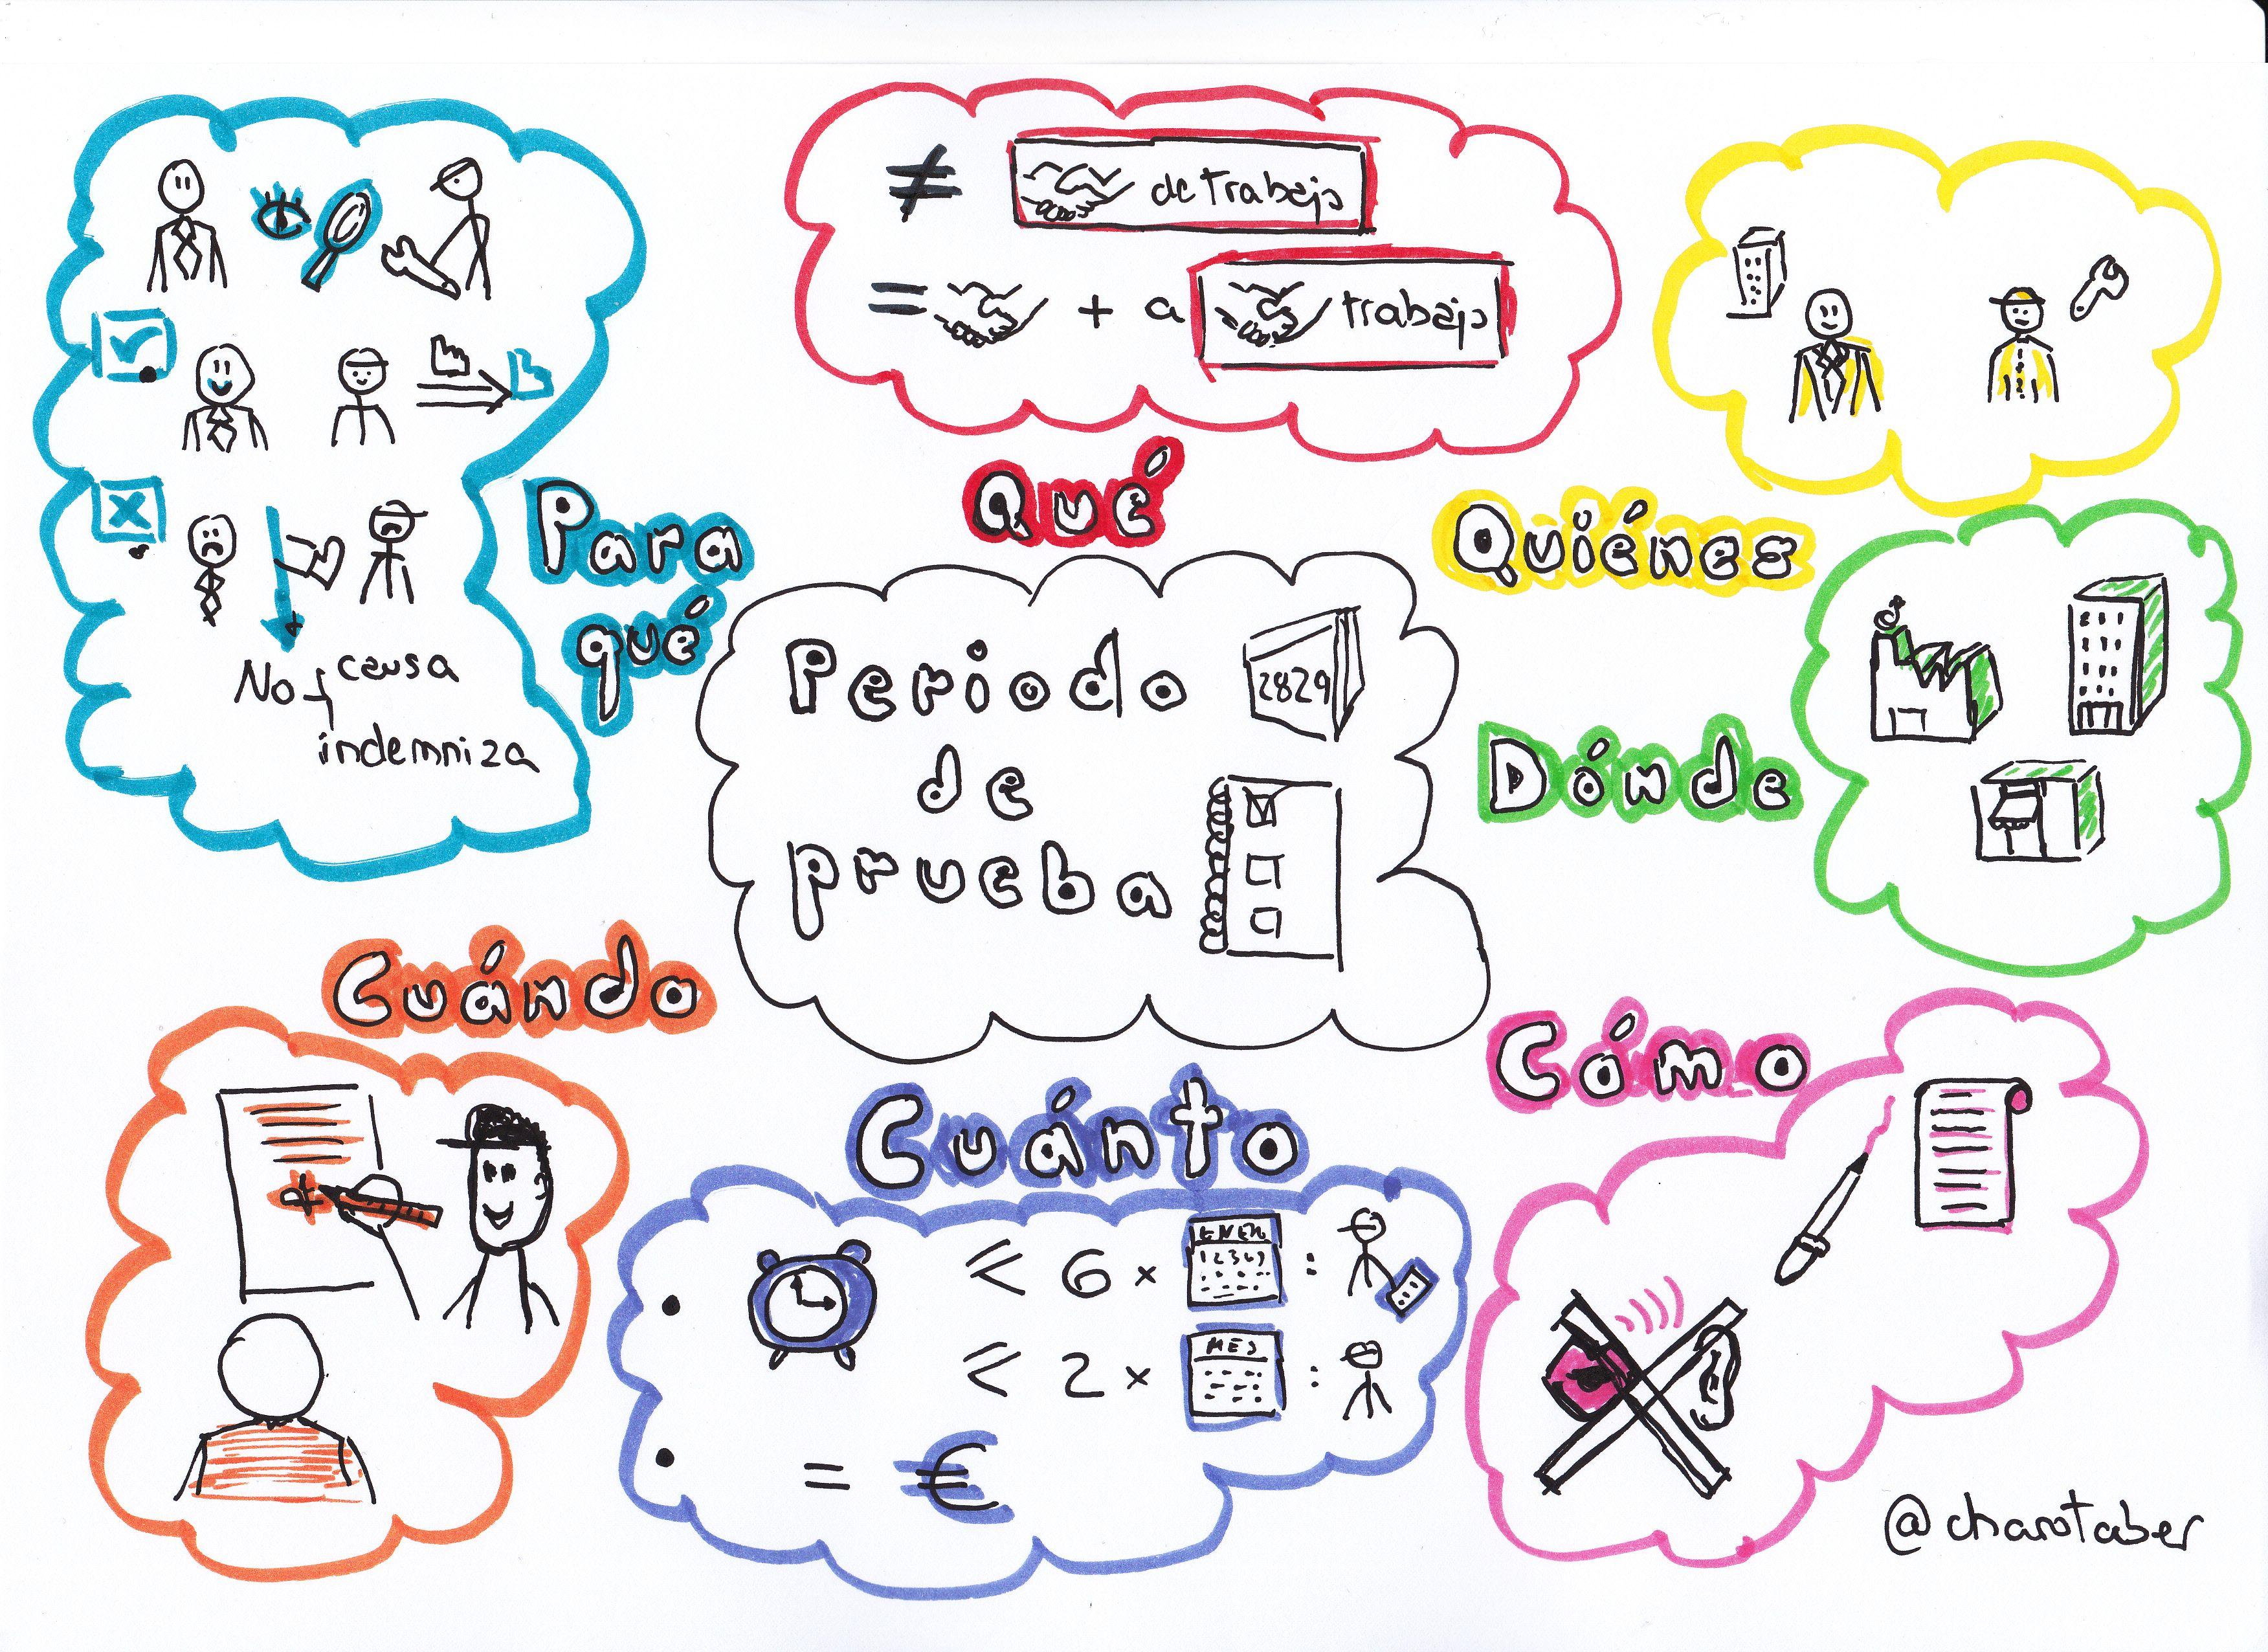 Visualmooc Fol Periodo De Prueba De Un Contrato De Trabajo Pensamiento Visual Visual Thinking Pensamientos